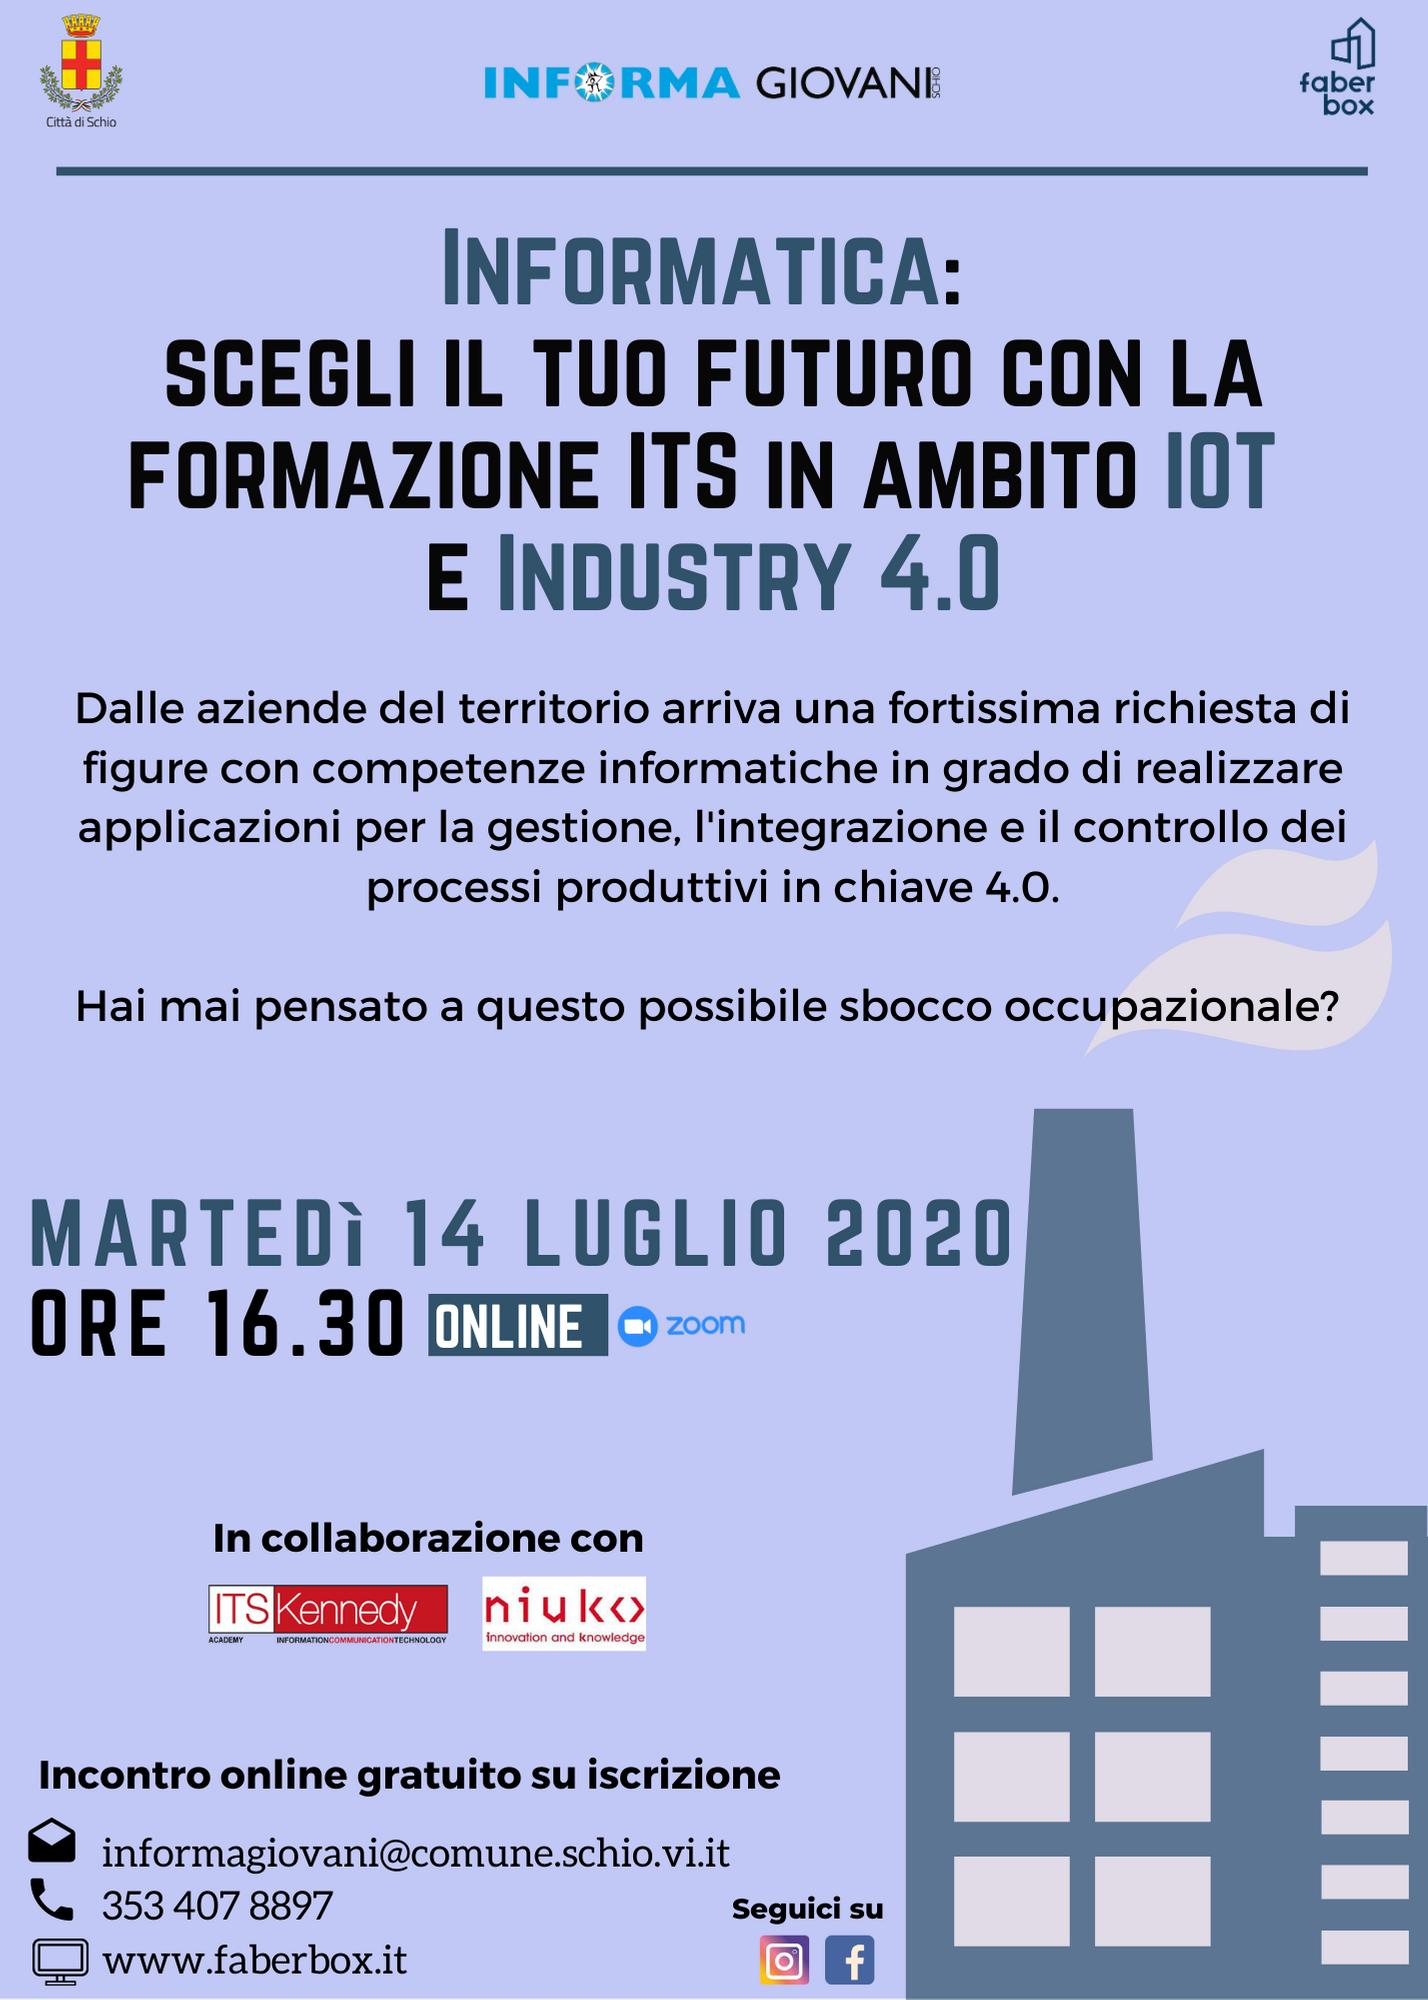 Incontro online – Informatica: scegli il tuo futuro con la formazione ITS in ambito IOT  e Industry 4.0